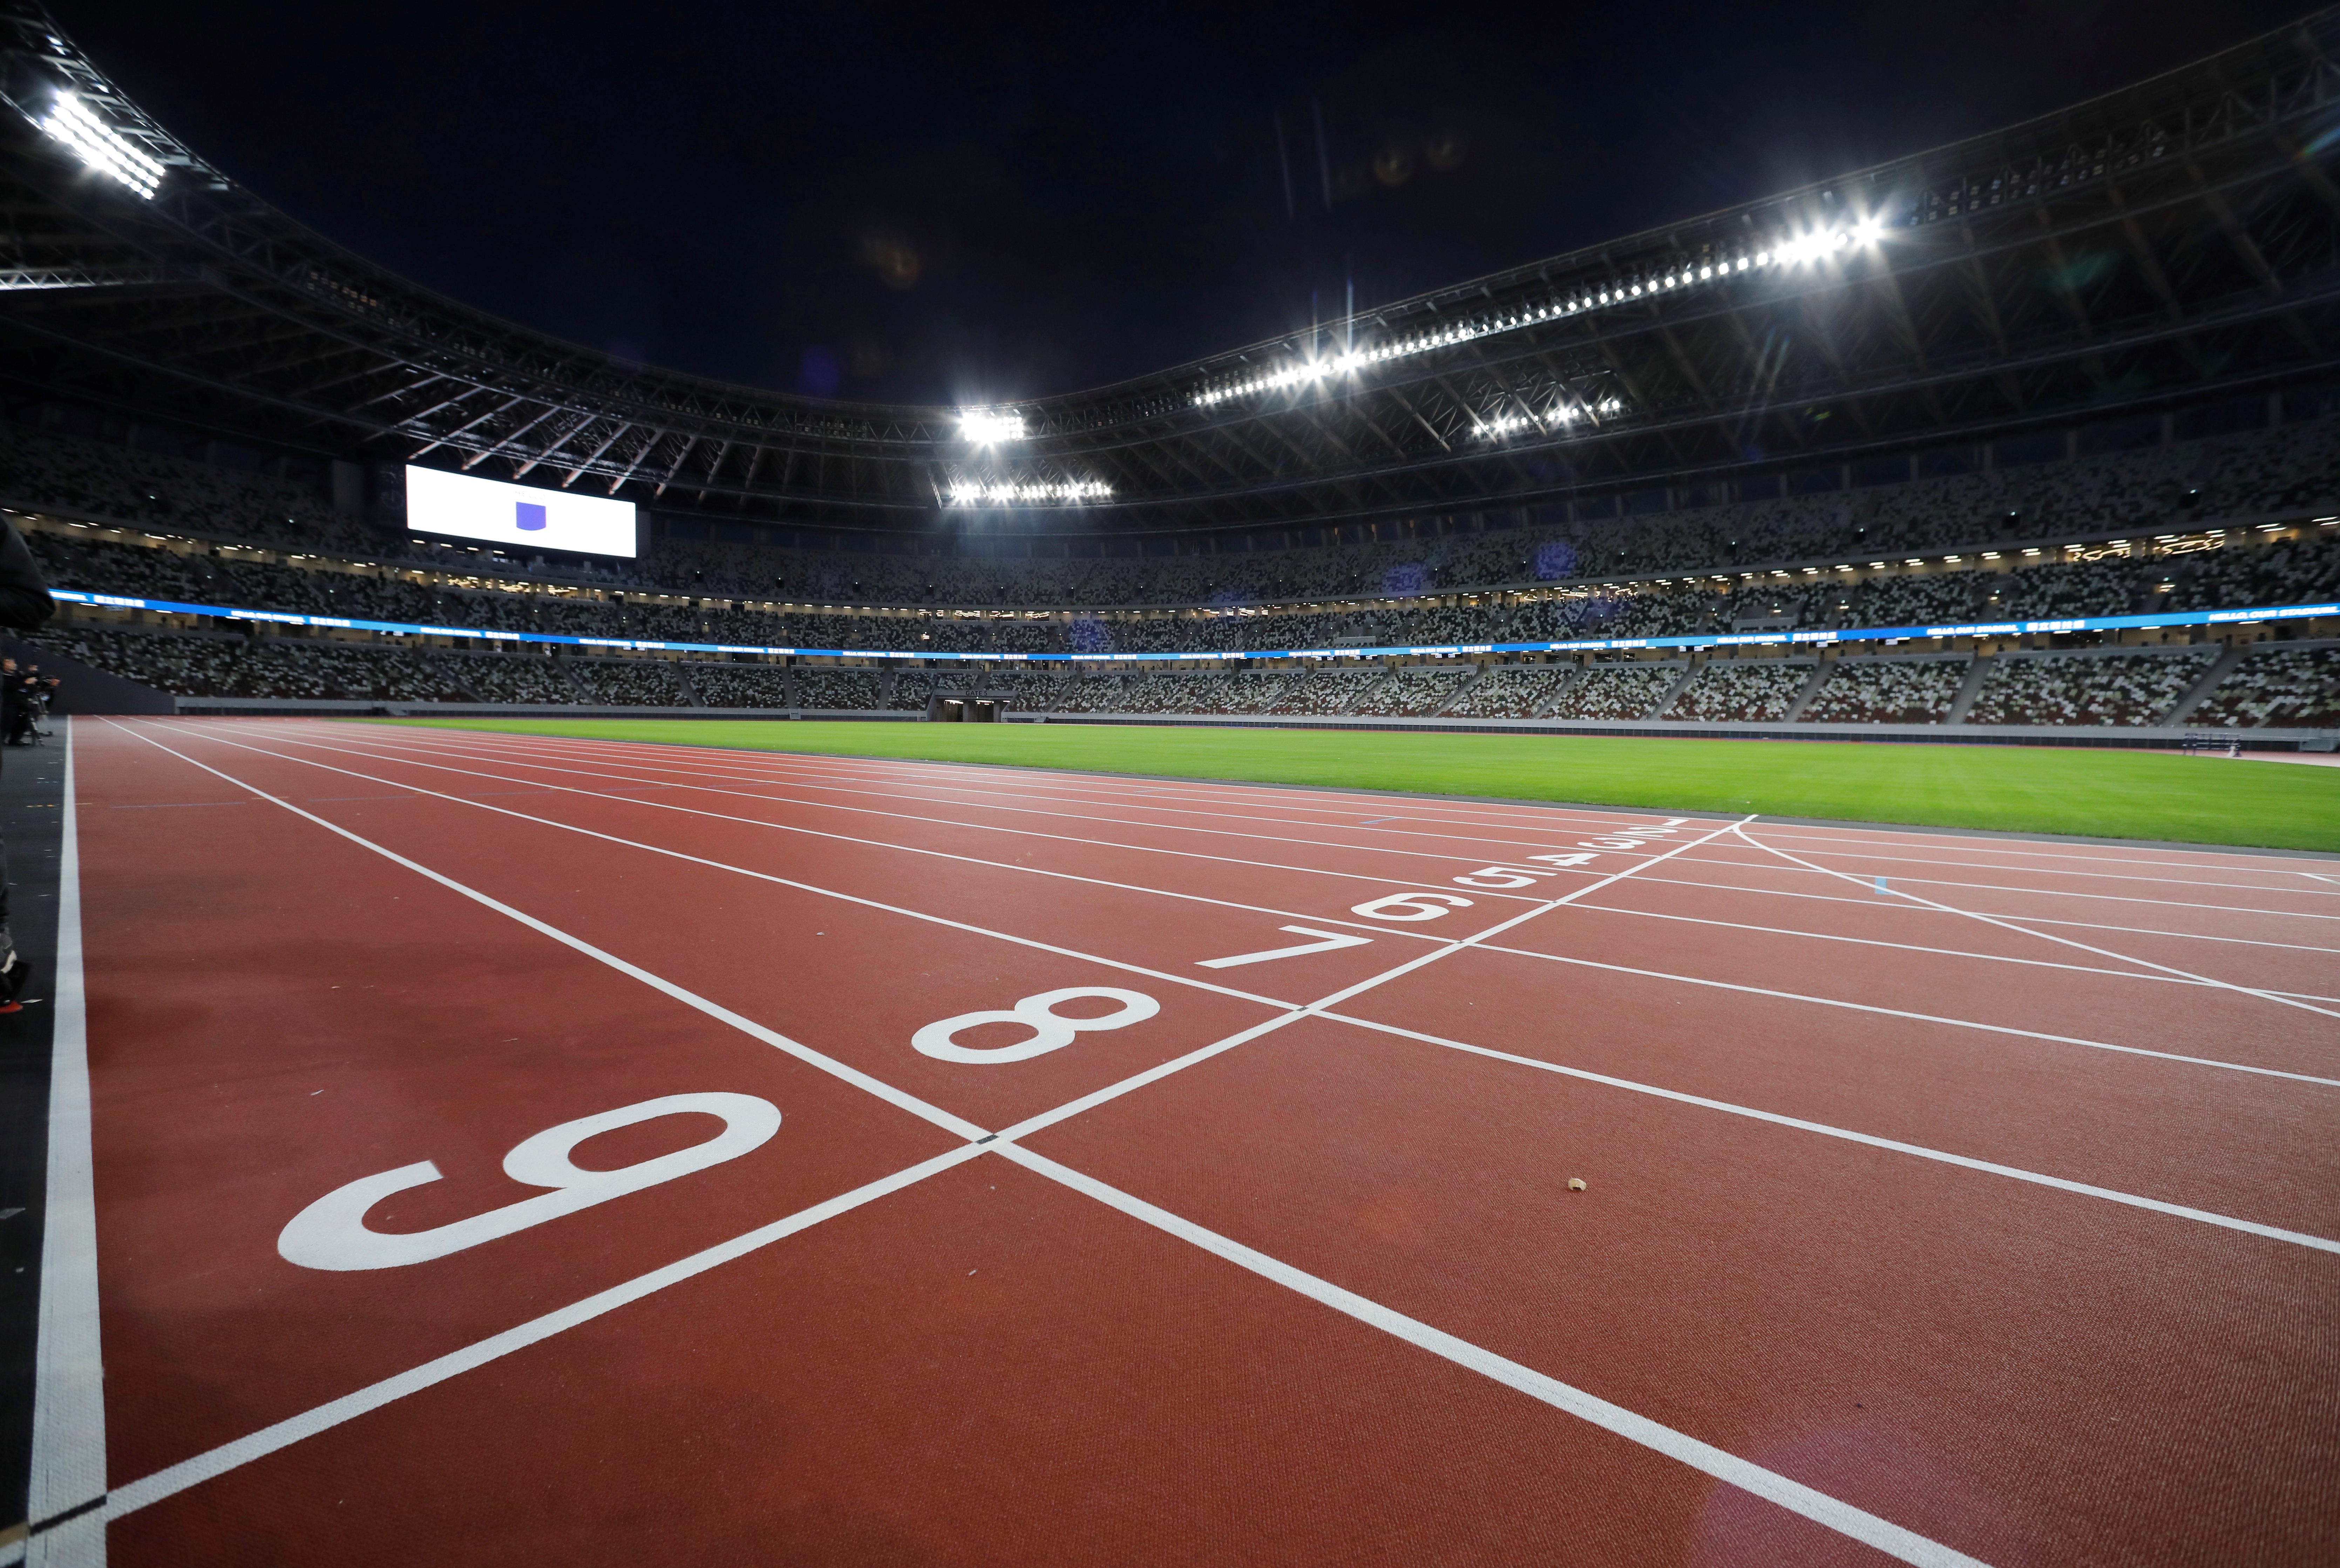 El edificio abarca una superficie de 72.400 metros cuadrados y tiene una capacidad para 68 mil espectadores